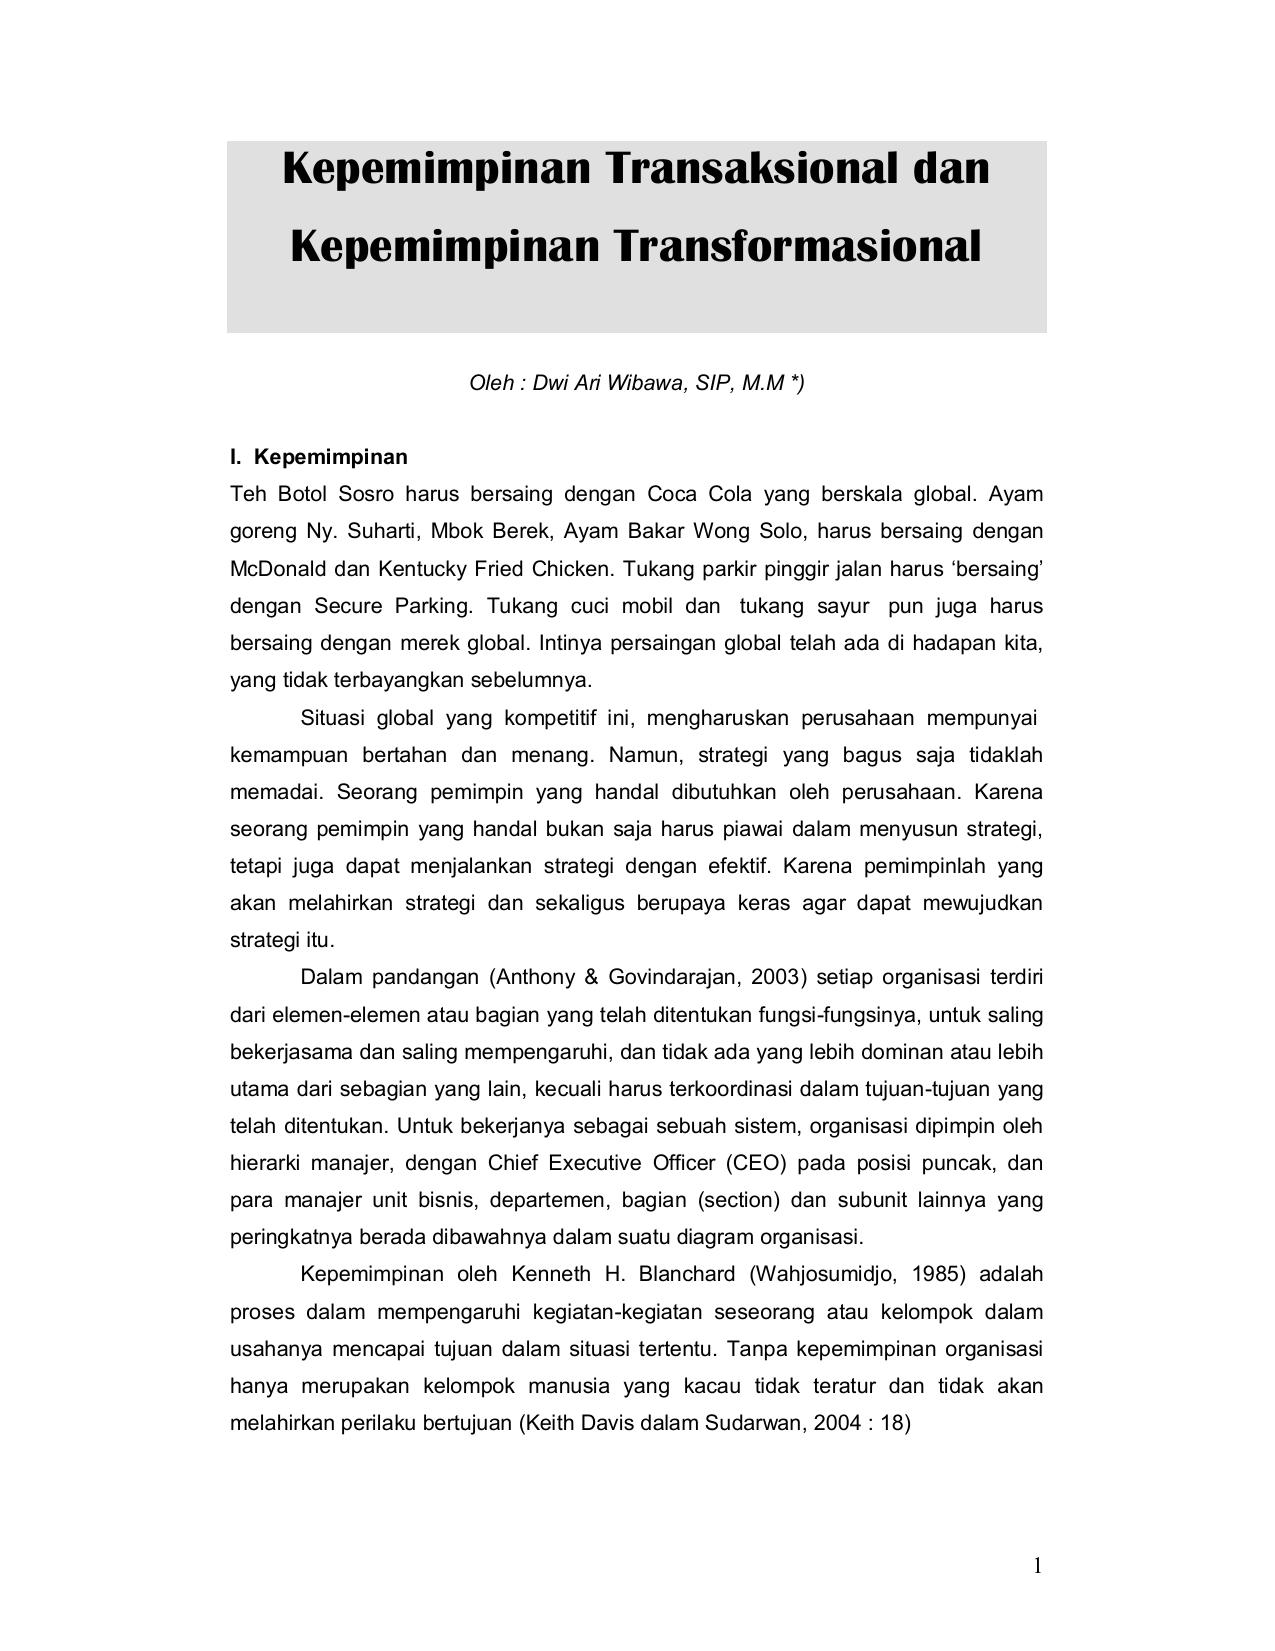 Kepemimpinan Transaksional Dan Kepemimpinan Transformasional